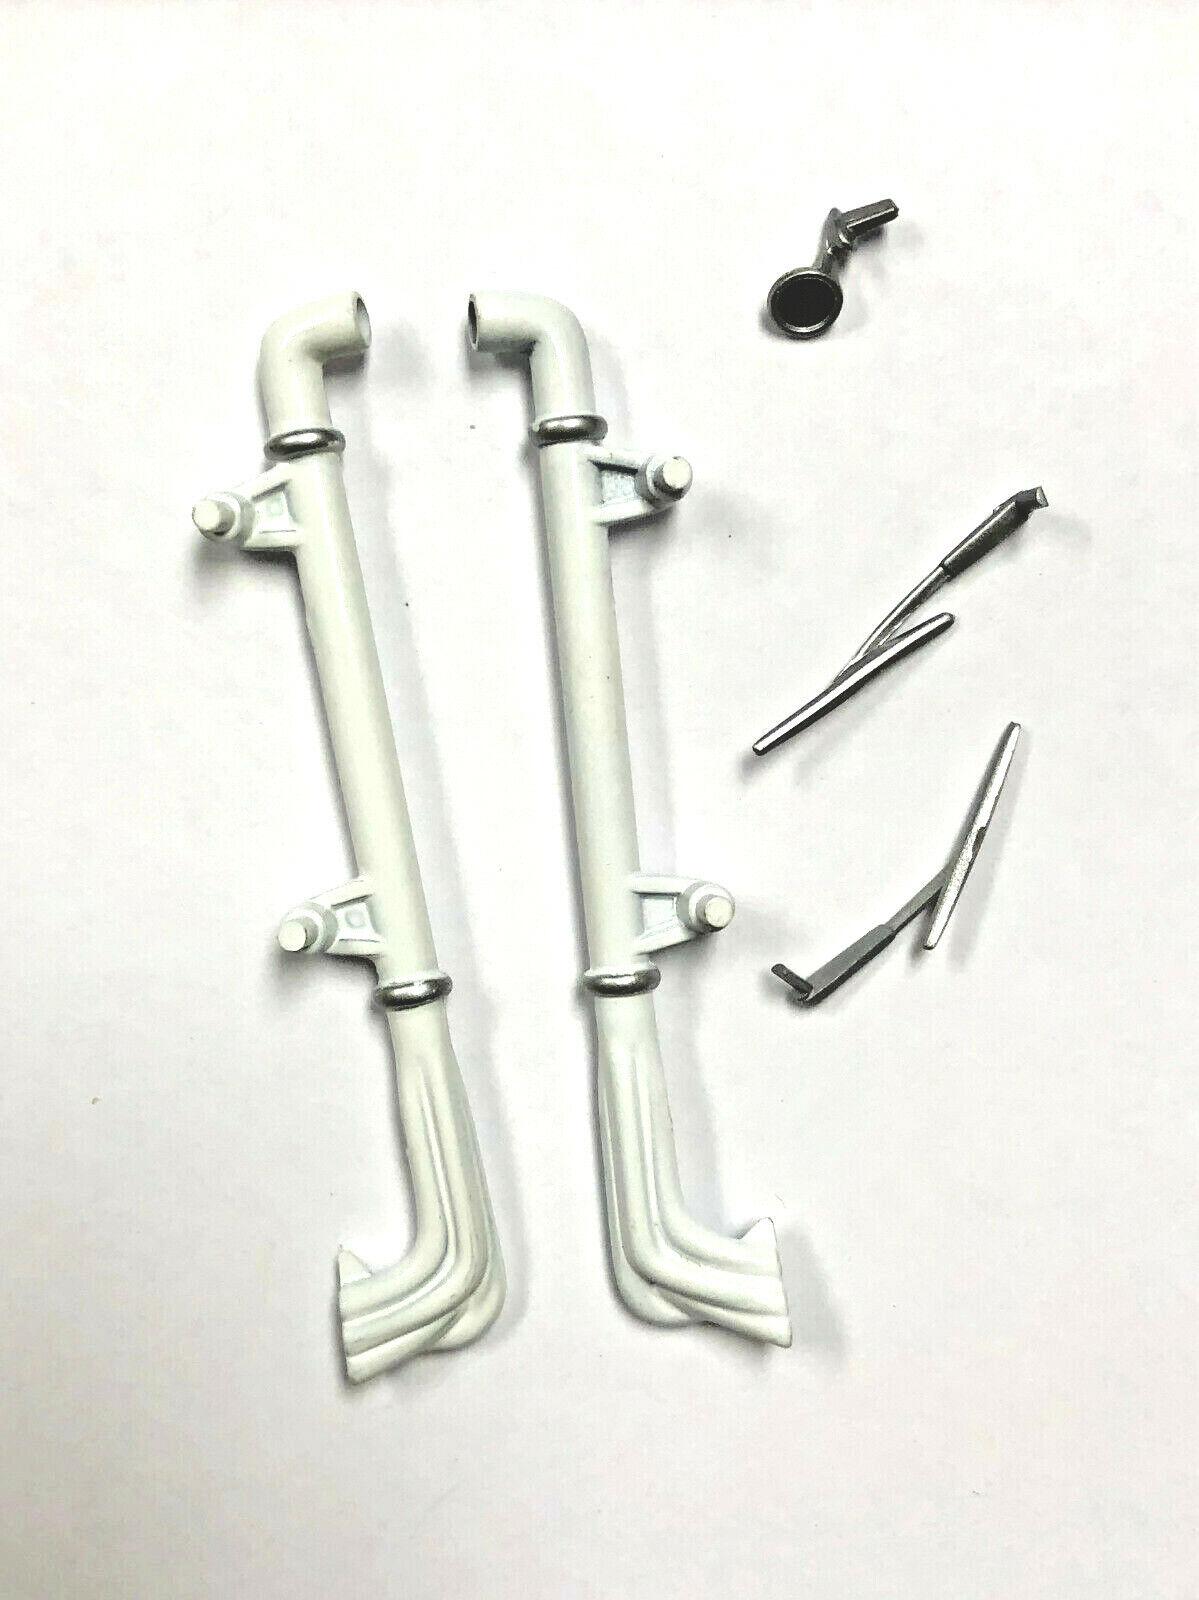 85353 chevy corvette gs kit car accessories